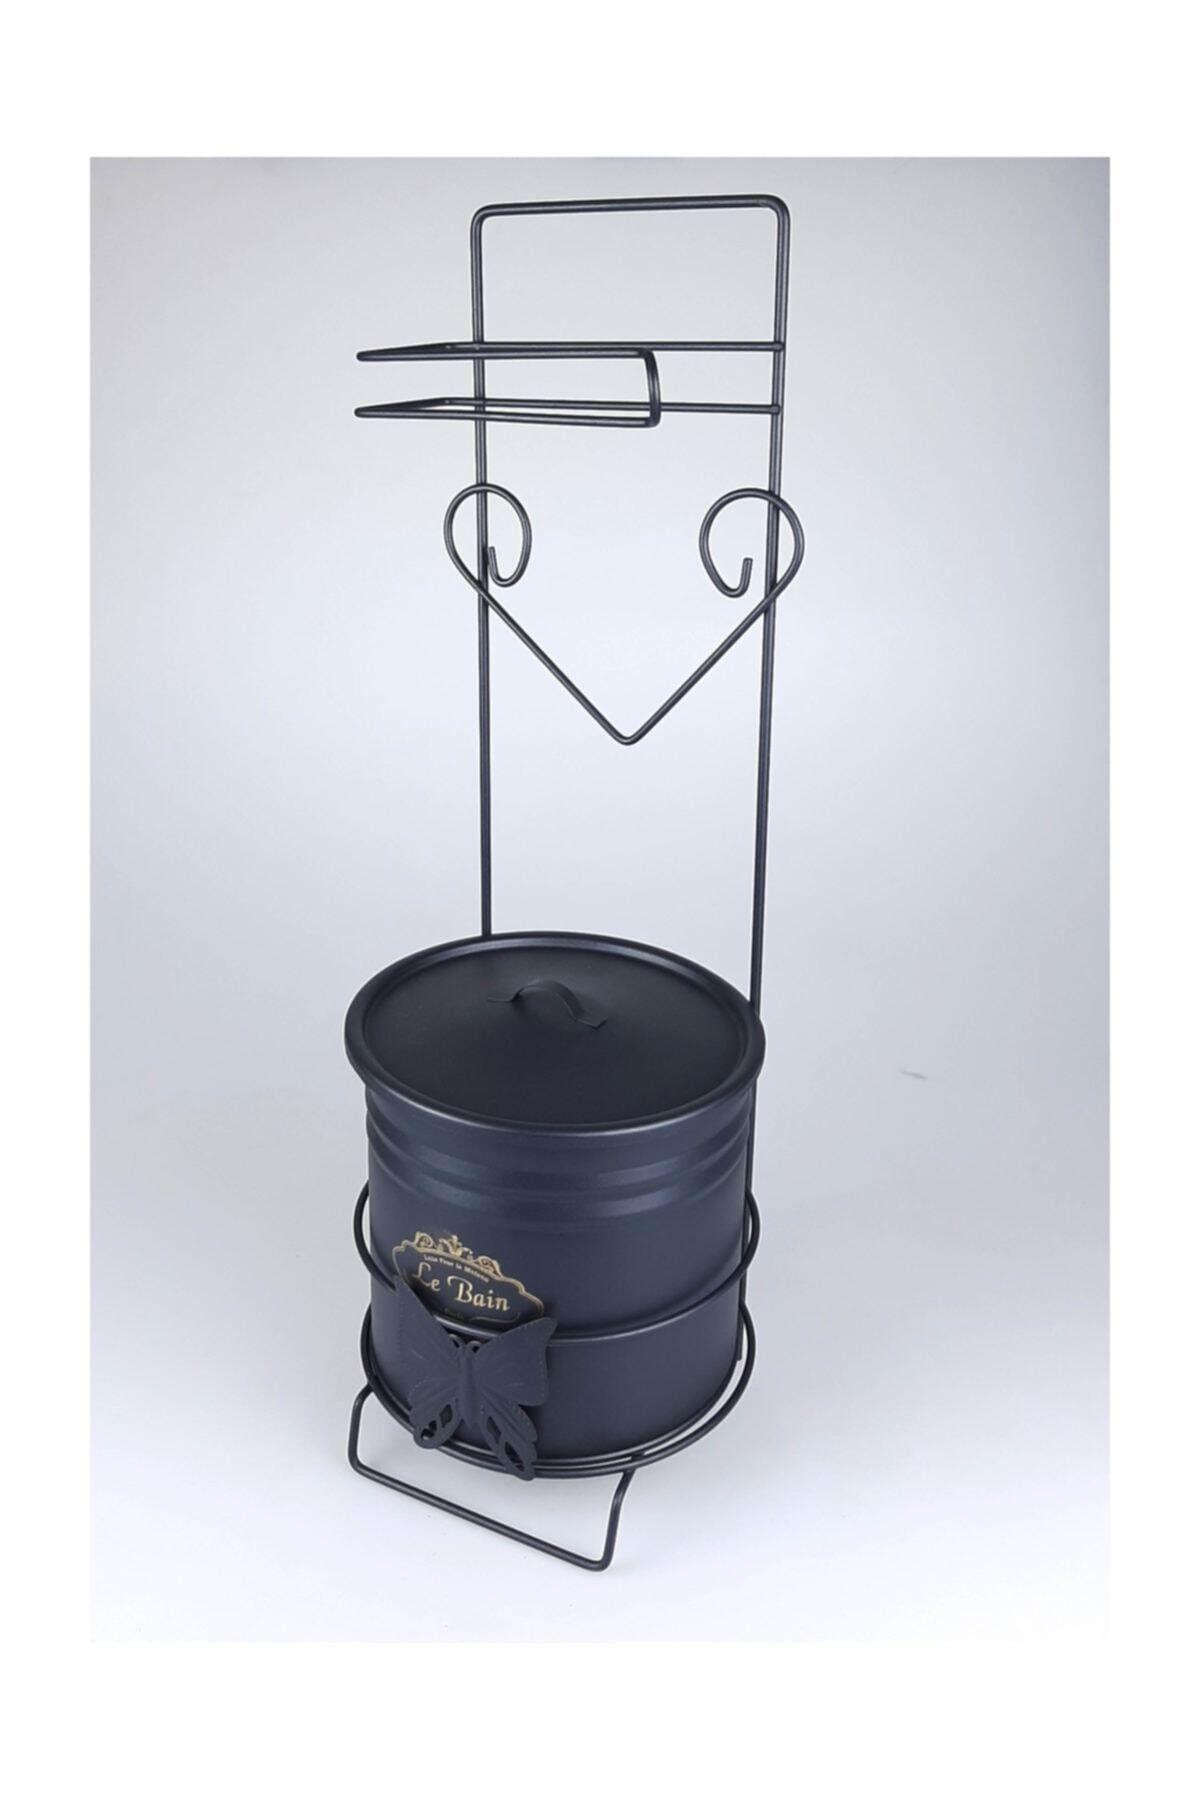 Wc Kağıtlık Çöp Kovalı Ferforje , Tuvalet Kağıtlığı , Banyo Çöp Kovası